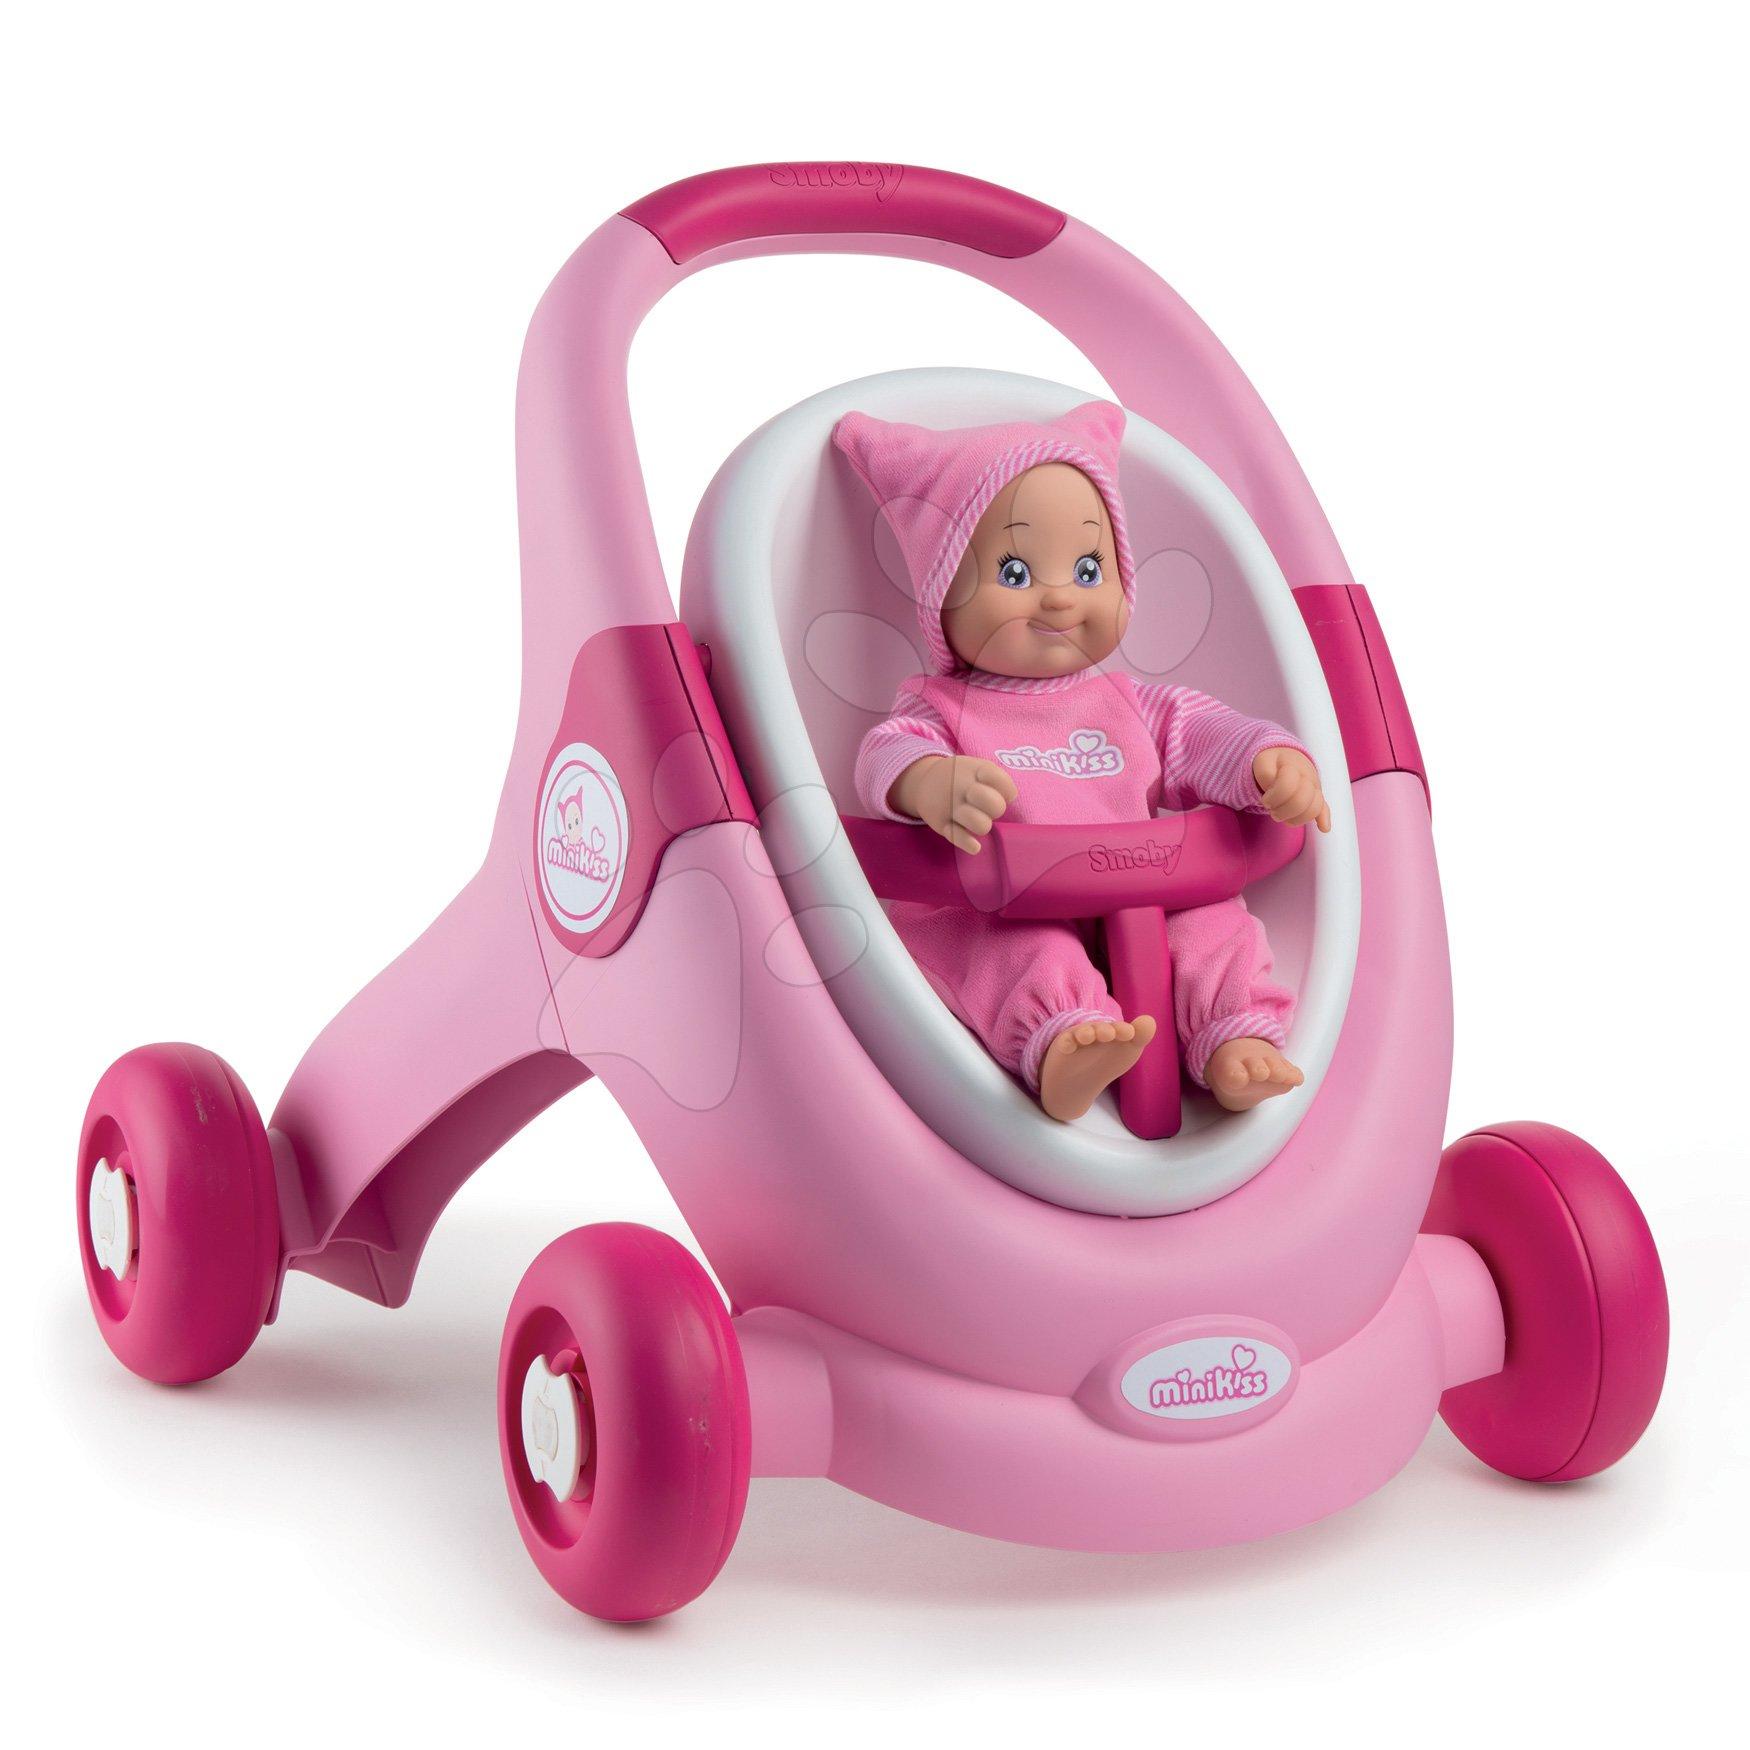 Chodítko a kočík s autosedačkou MiniKiss 3v1 Smoby s brzdou a bezpečnostným pásom od 12 mes